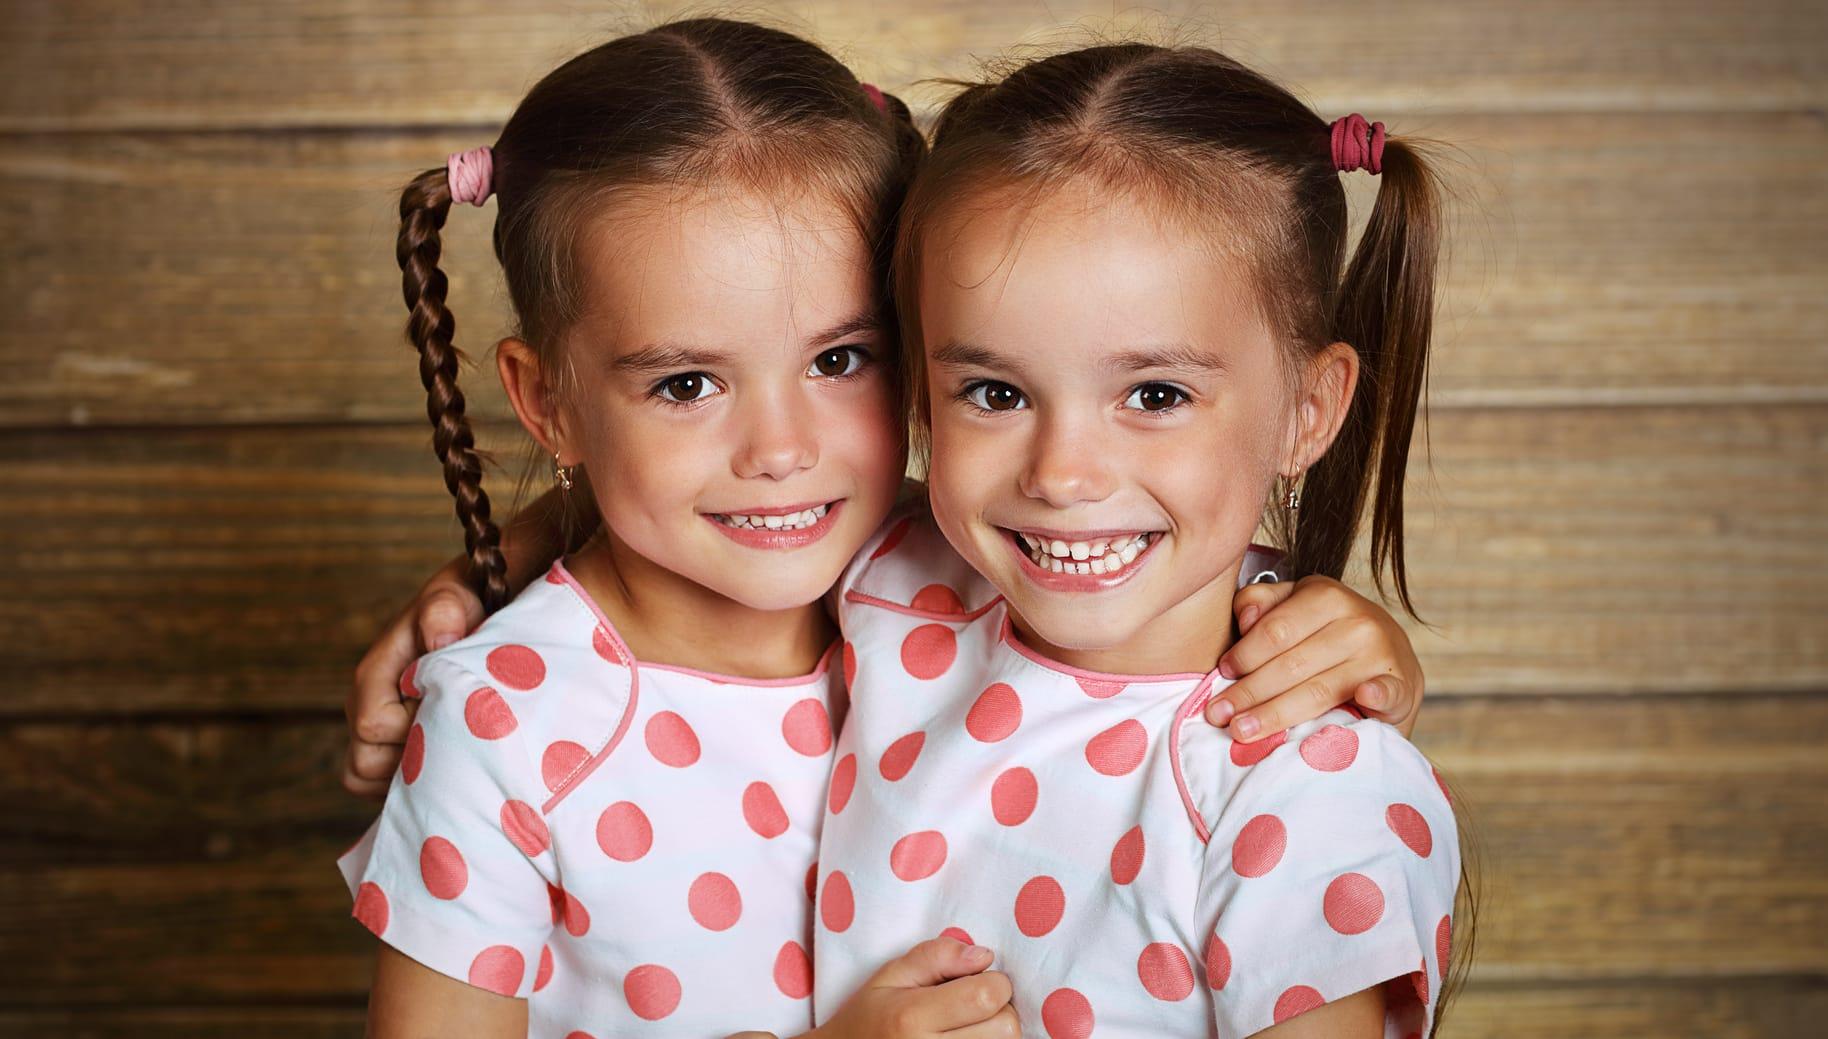 Eineiige Zwillinge – Haben sie den gleichen Fingerabdruck?